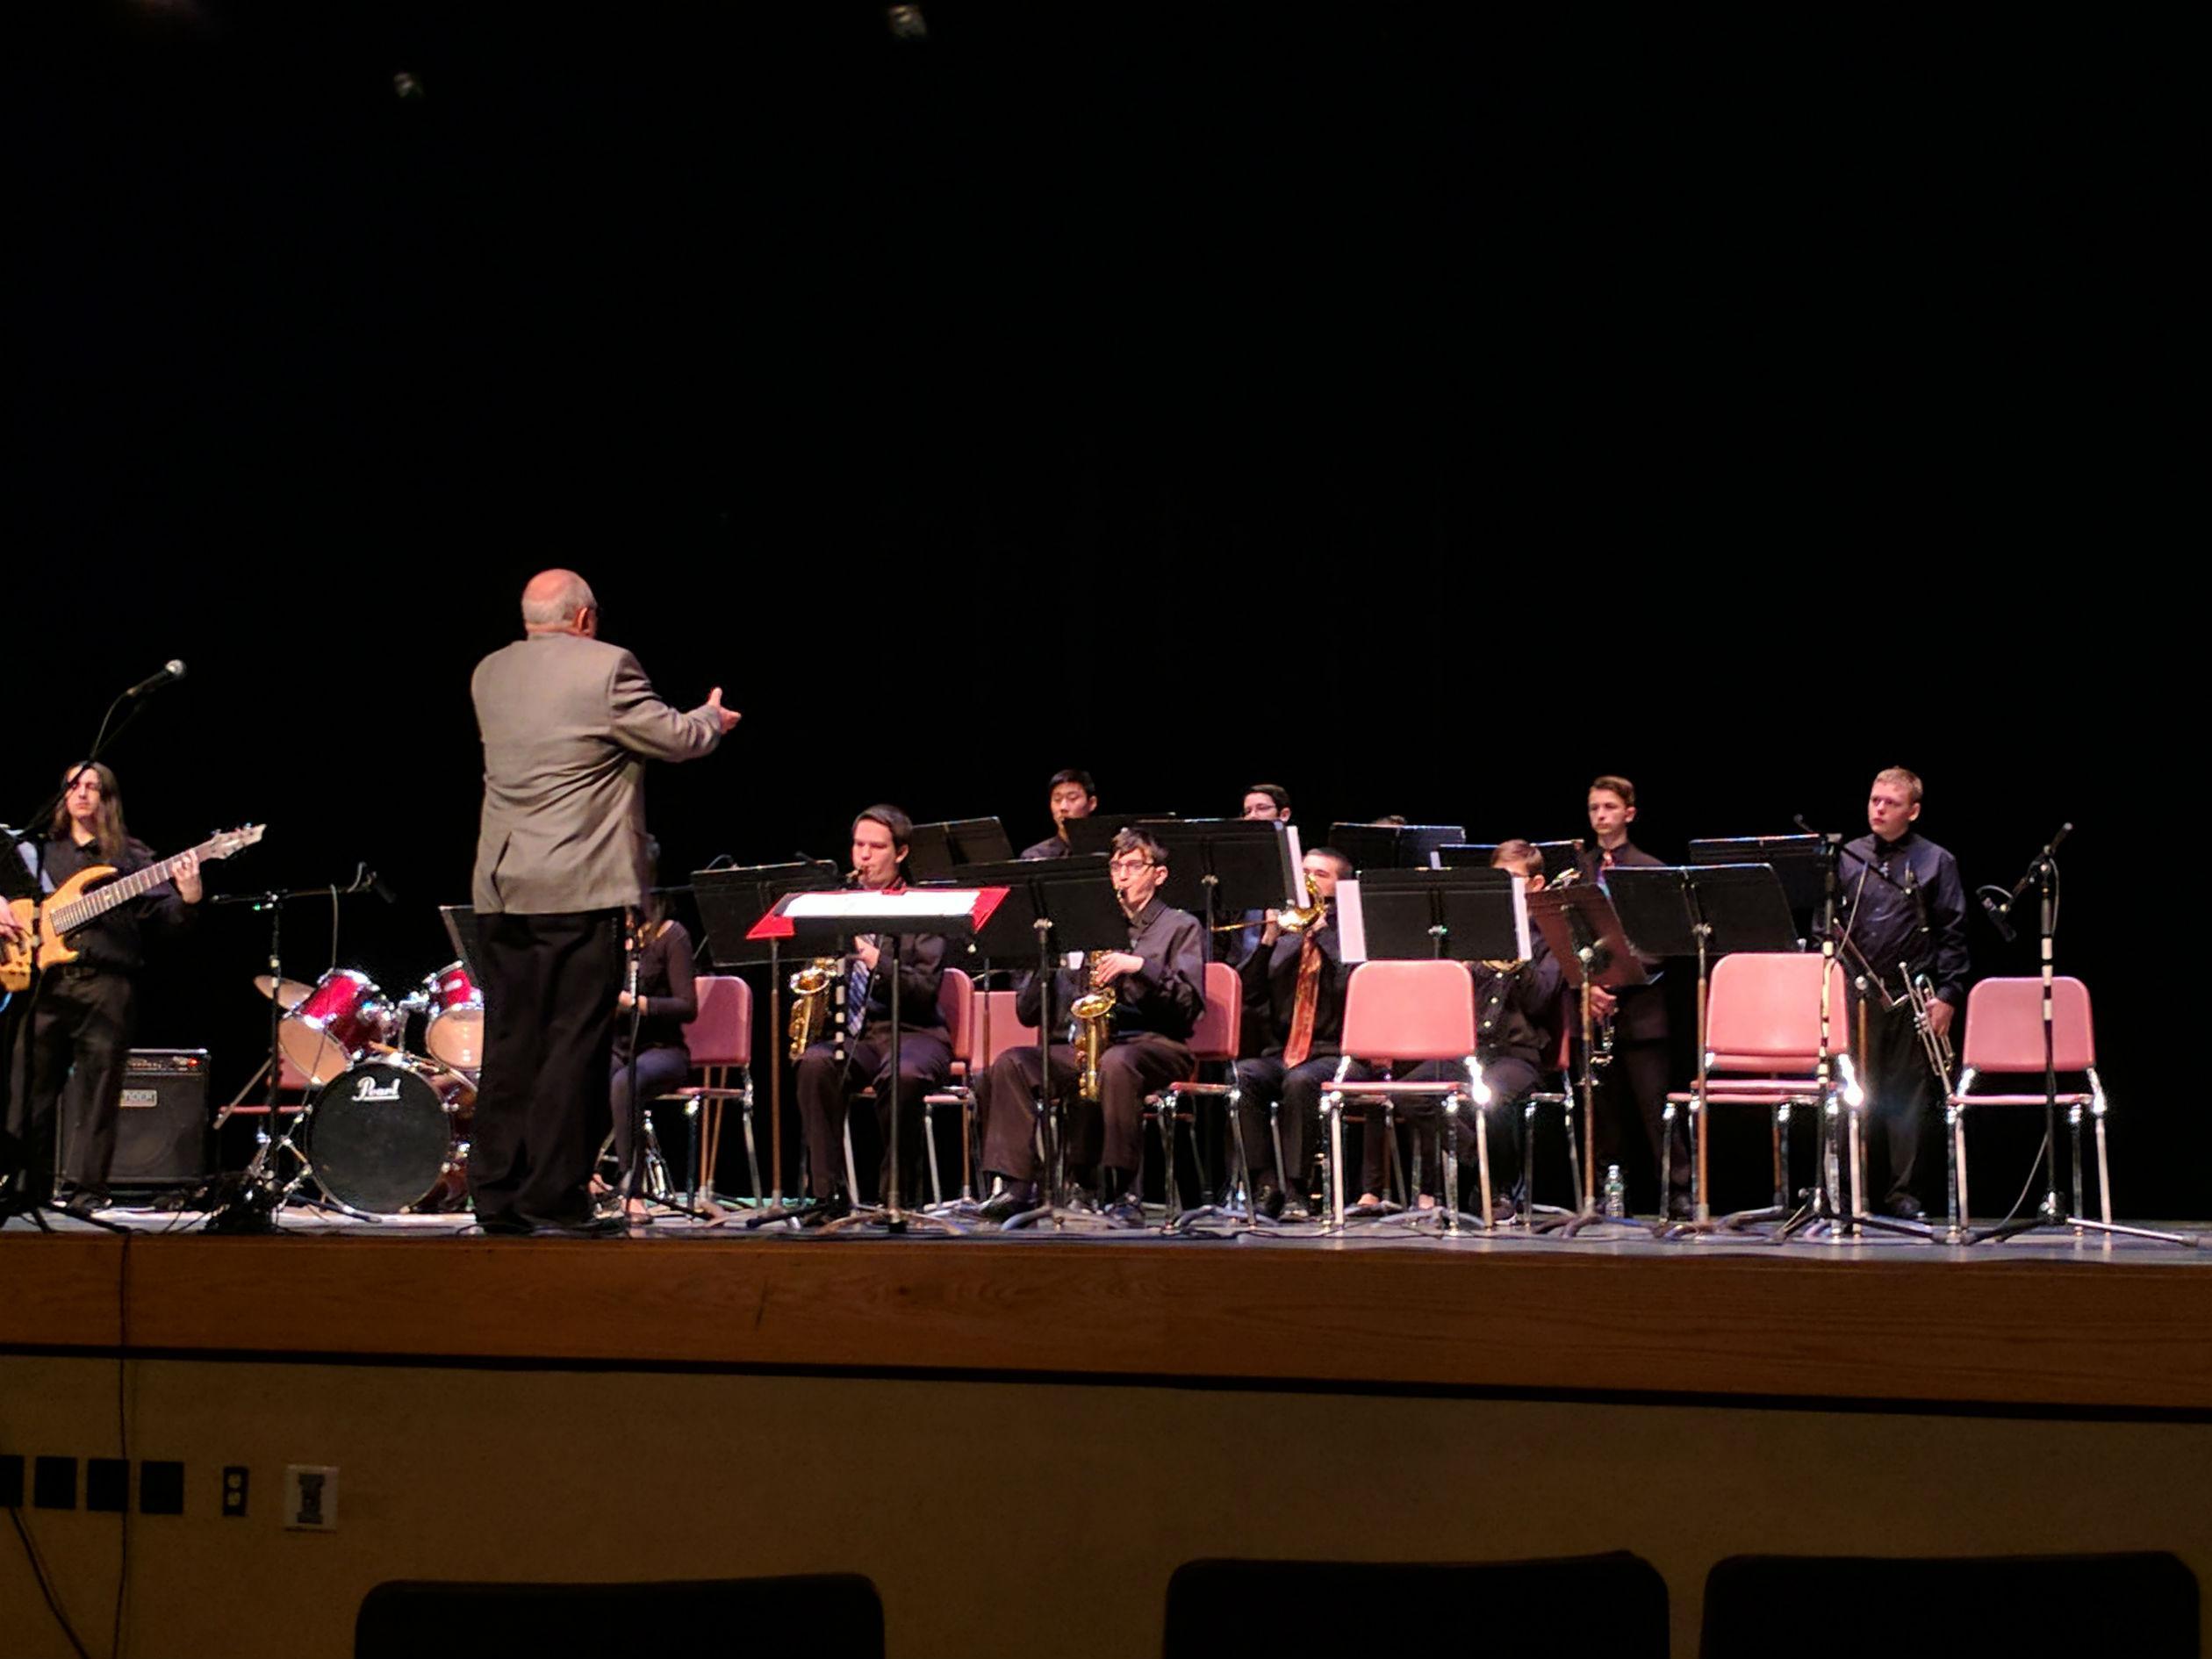 The Lenape Jazz Band